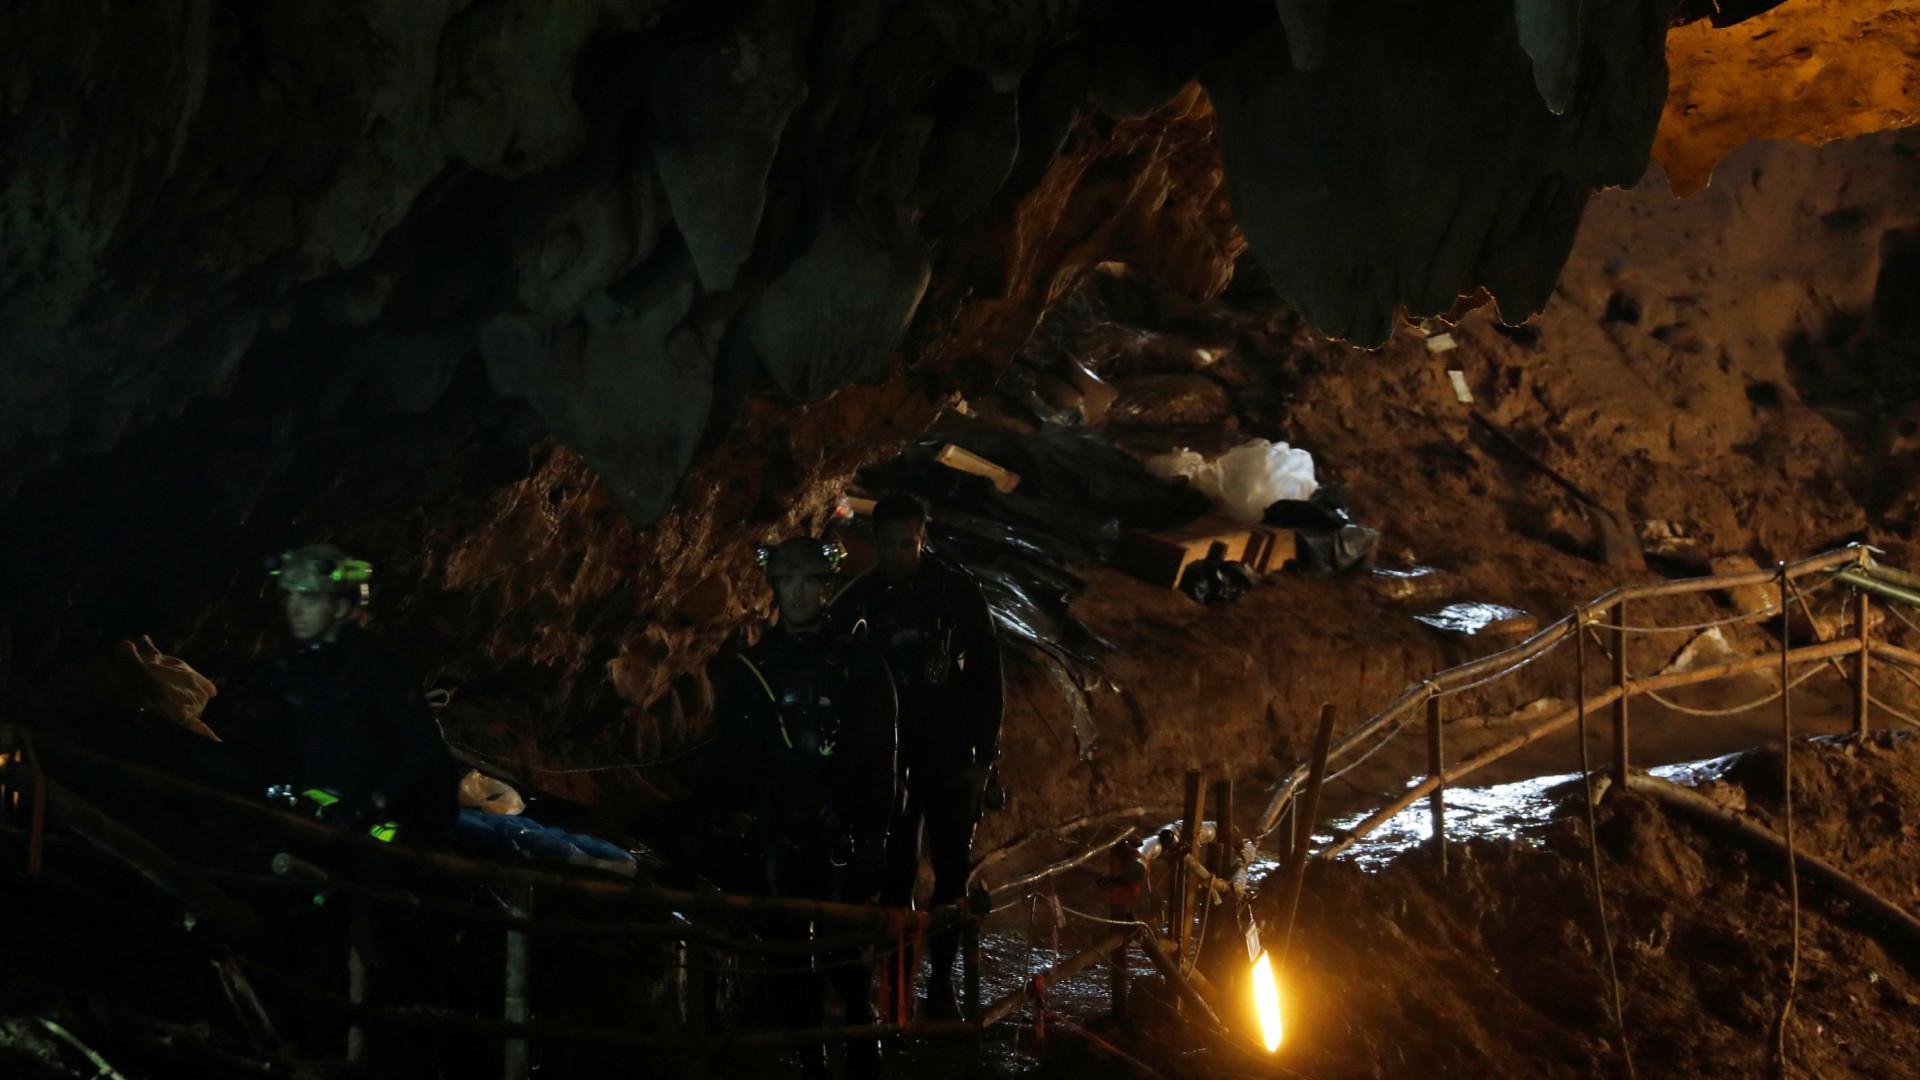 Médico e três últimos mergulhadores saíram da caverna em segurança